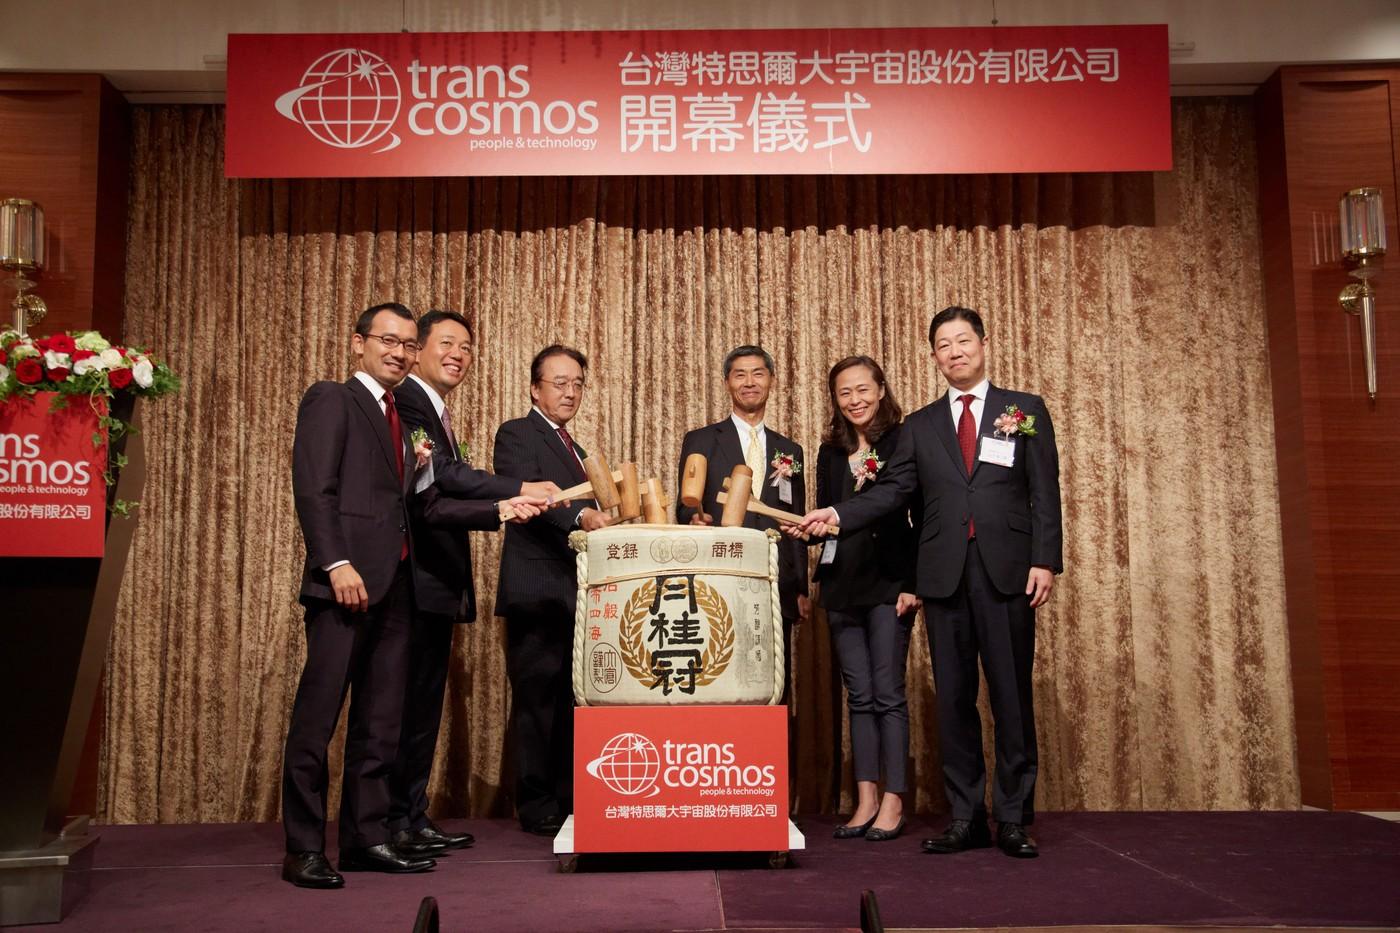 日本BPO領導廠商transcosmos集團正式進軍台灣市場